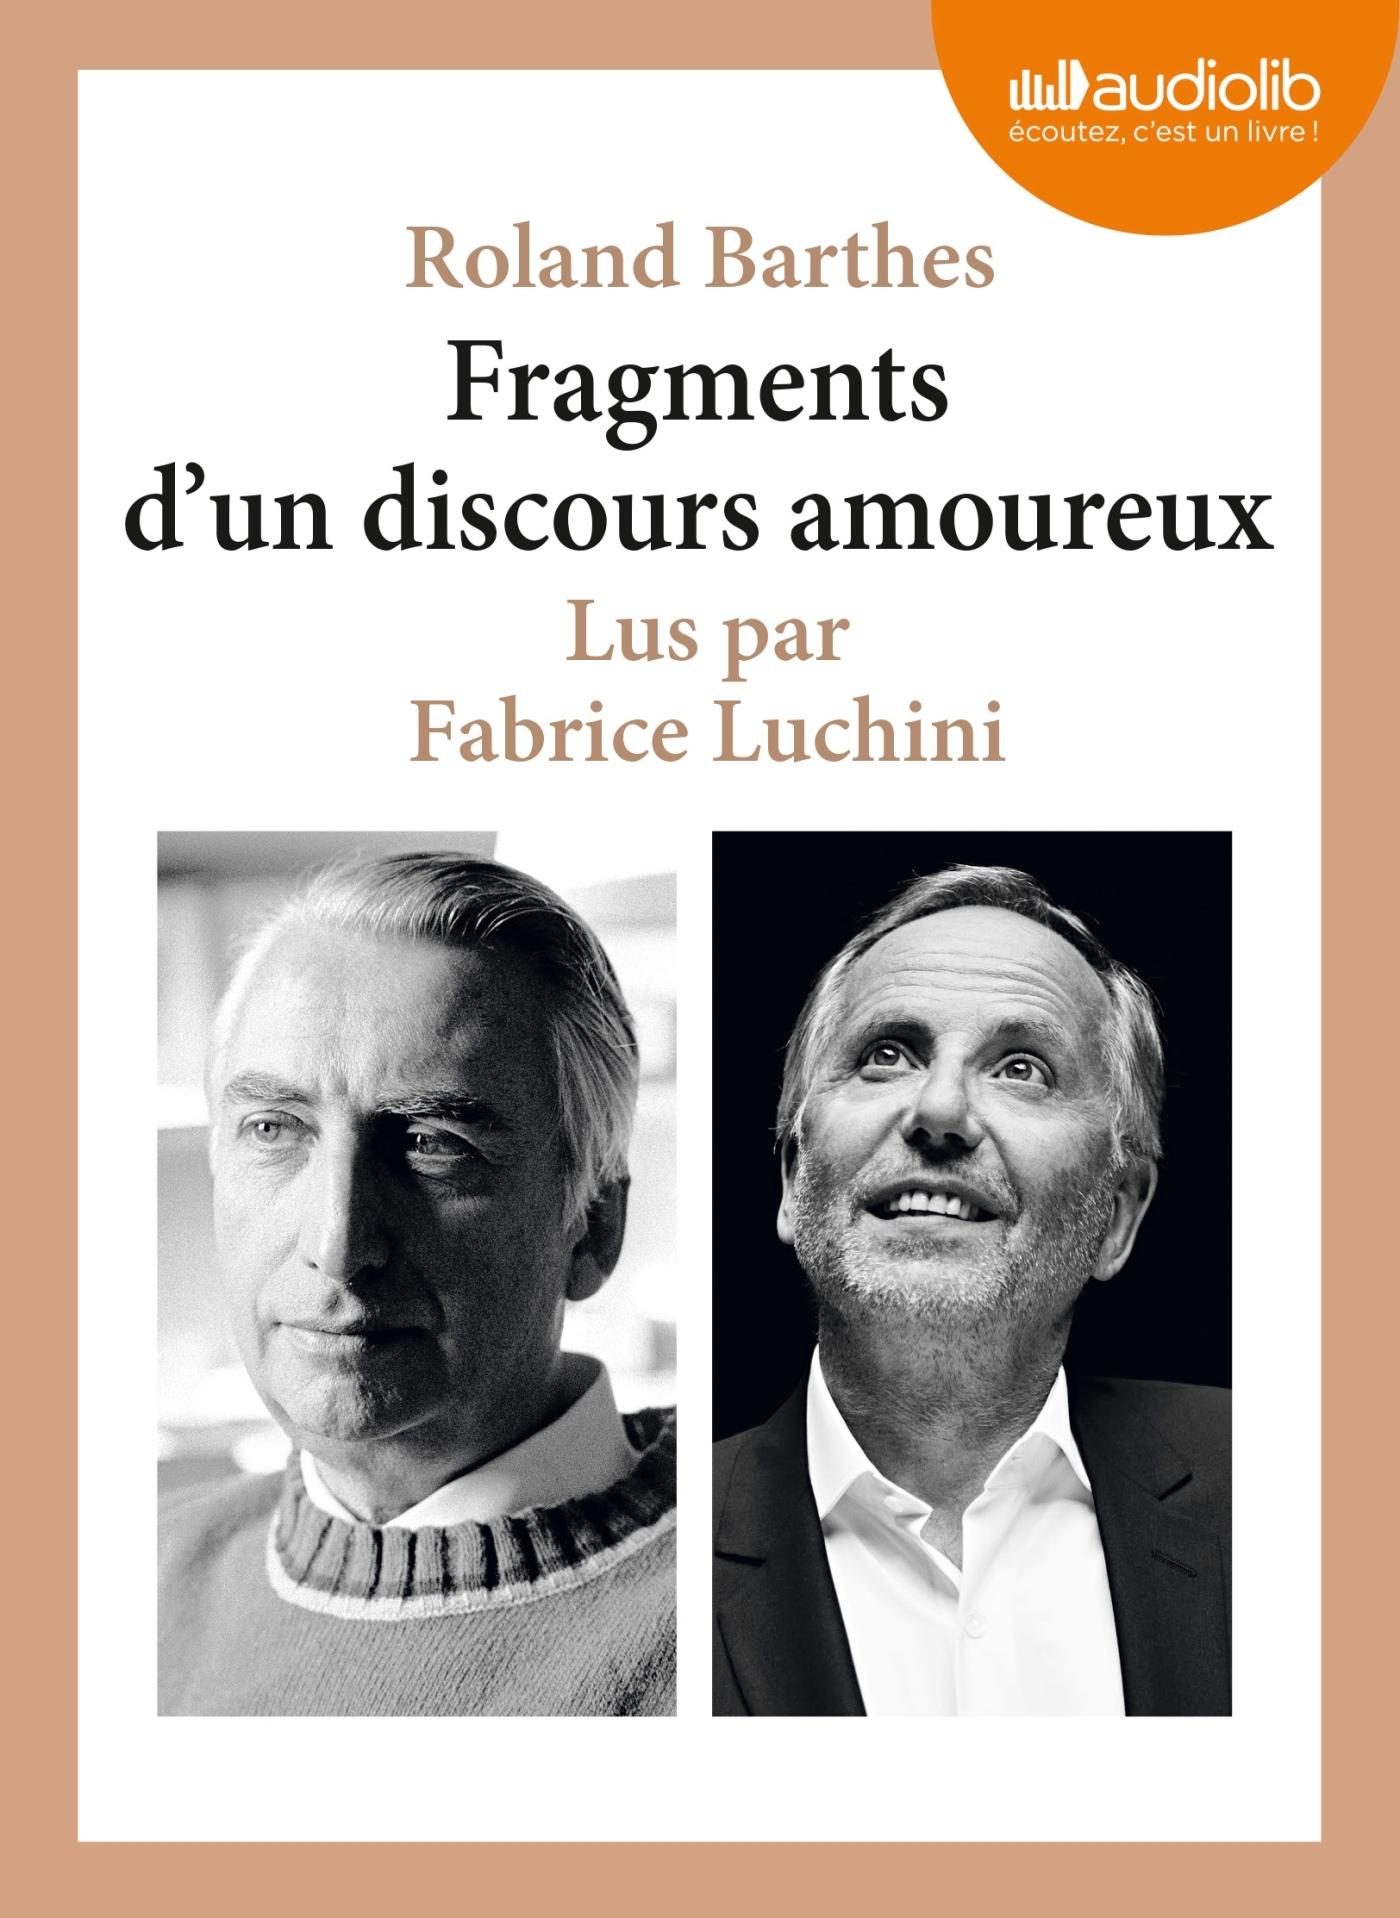 FRAGMENTS D'UN DISCOURS AMOUREUX  LU PAR FABRICE LUCHINI